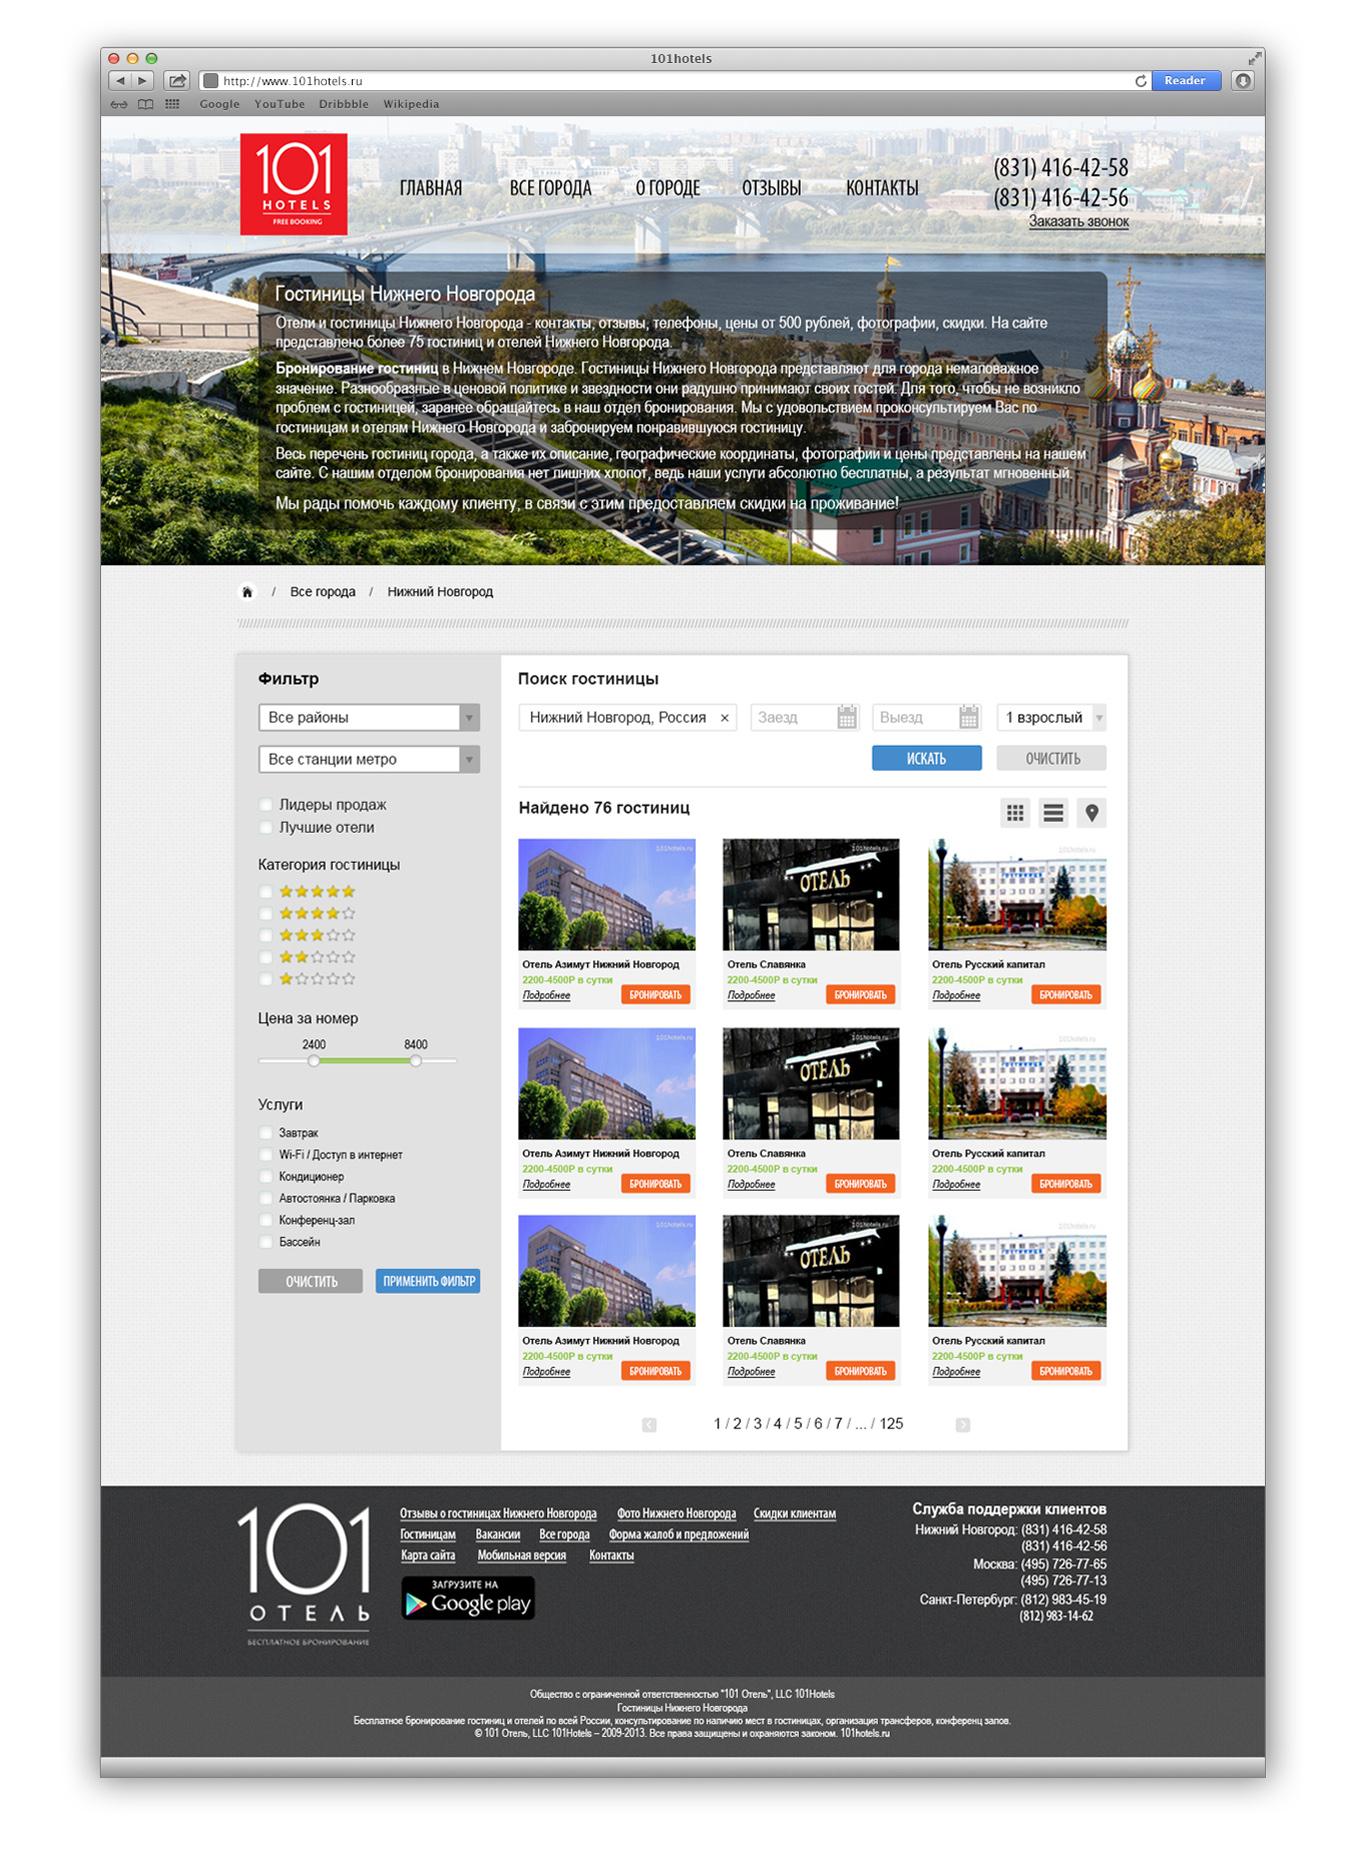 101 hotels – дизайн интерфейся на главной странице